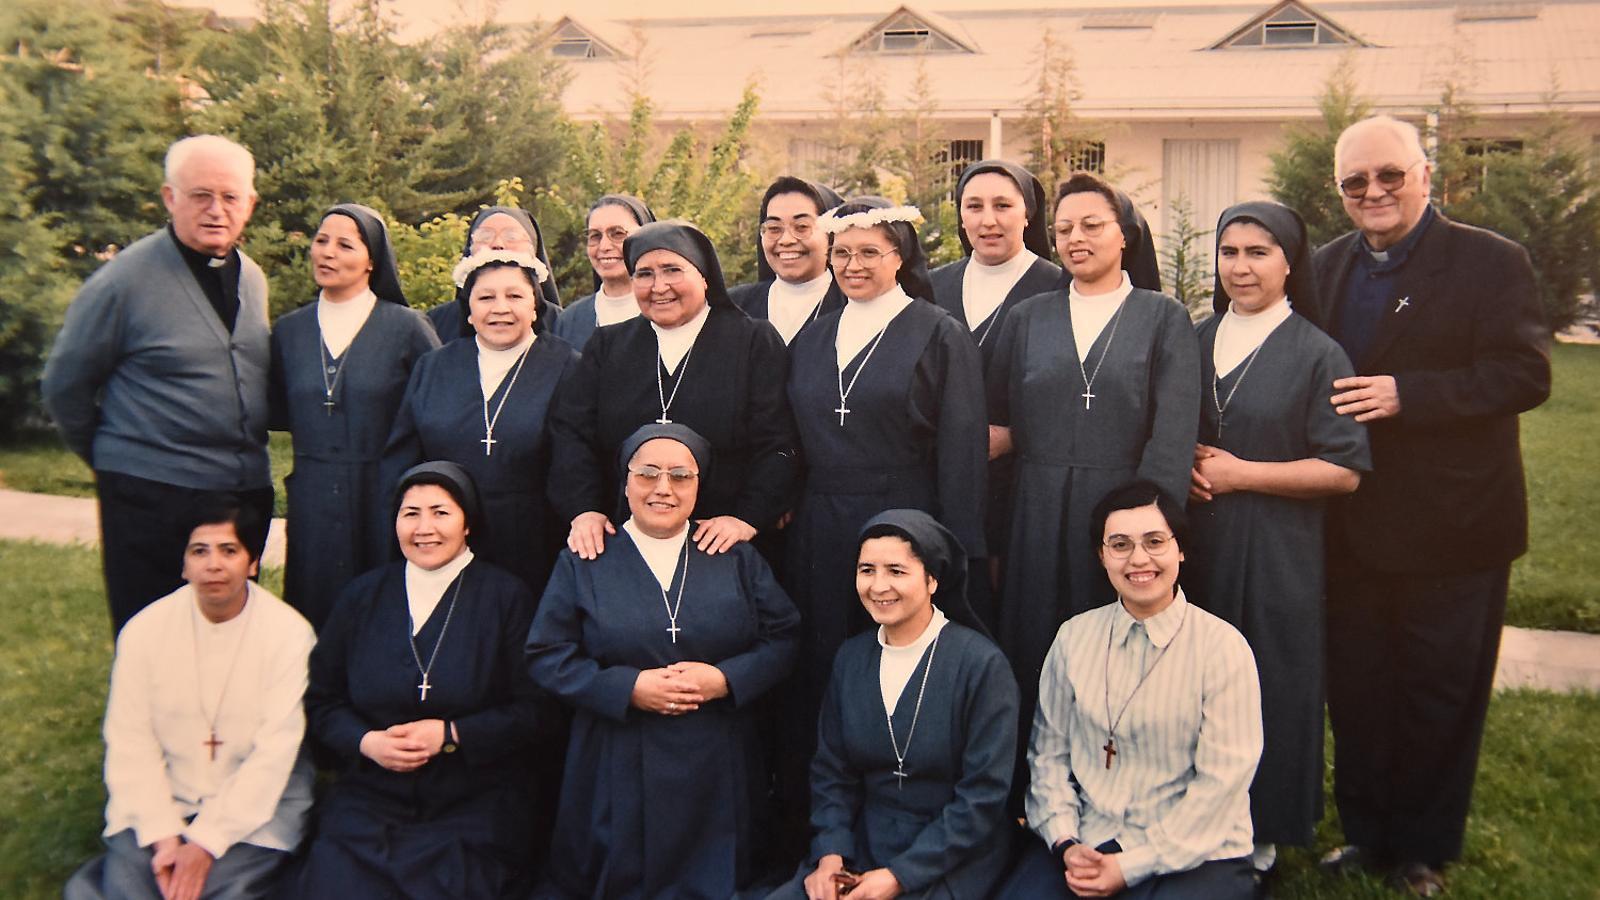 Las Hermanas del Buen Samaritano. El cura de la izquierda de la imagen es el padre Tejerina, acusado de abusos sexuales. La tercera monja de la derecha de la foto, con unas flores en la cabeza, es la hermana Eliana.